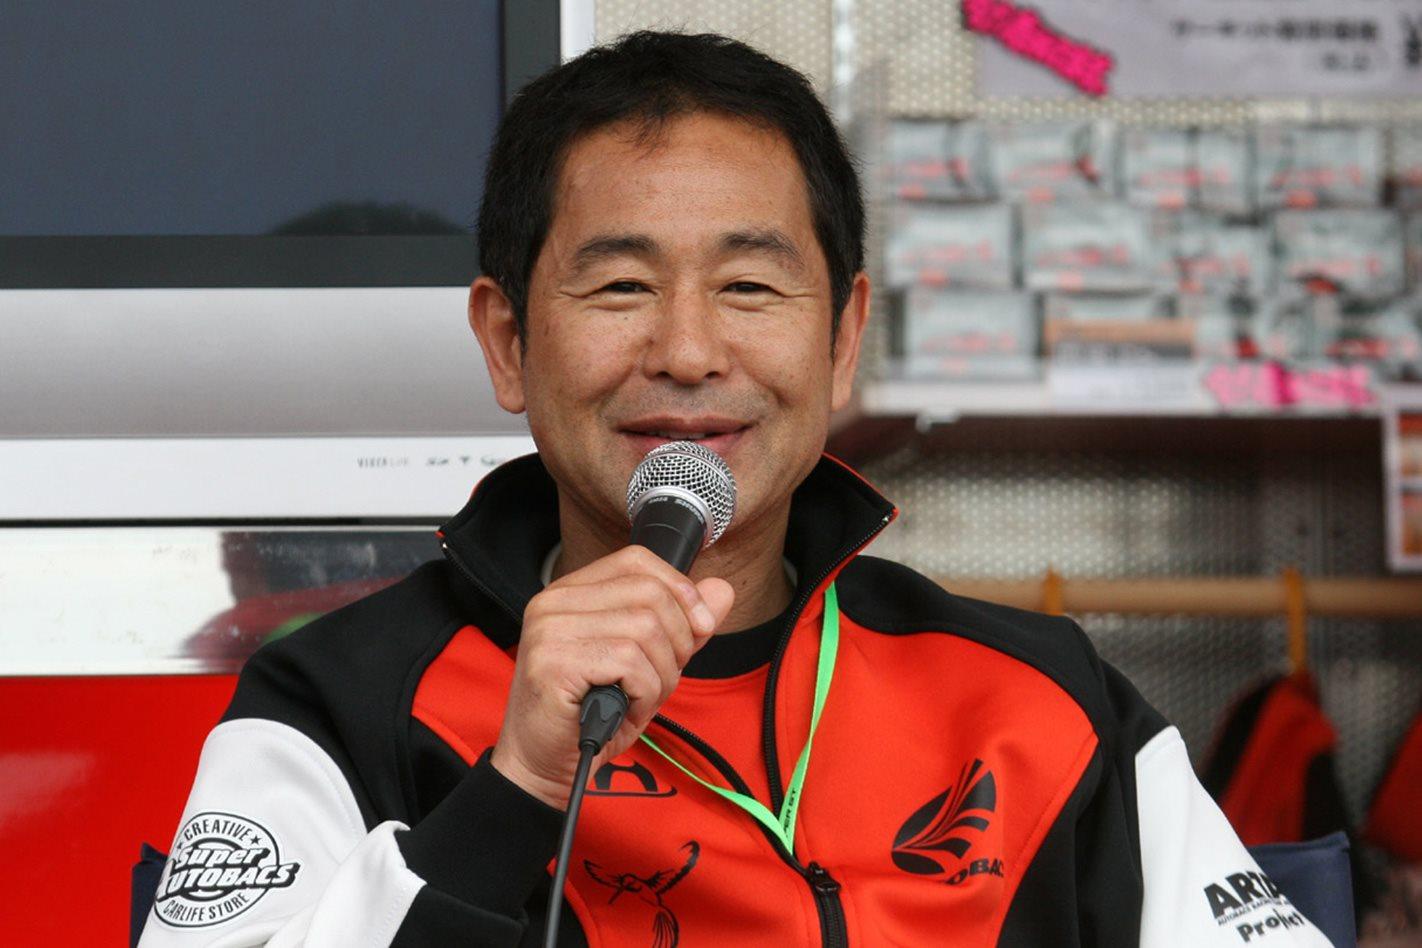 Keiichi Tsuchiya King of Drift